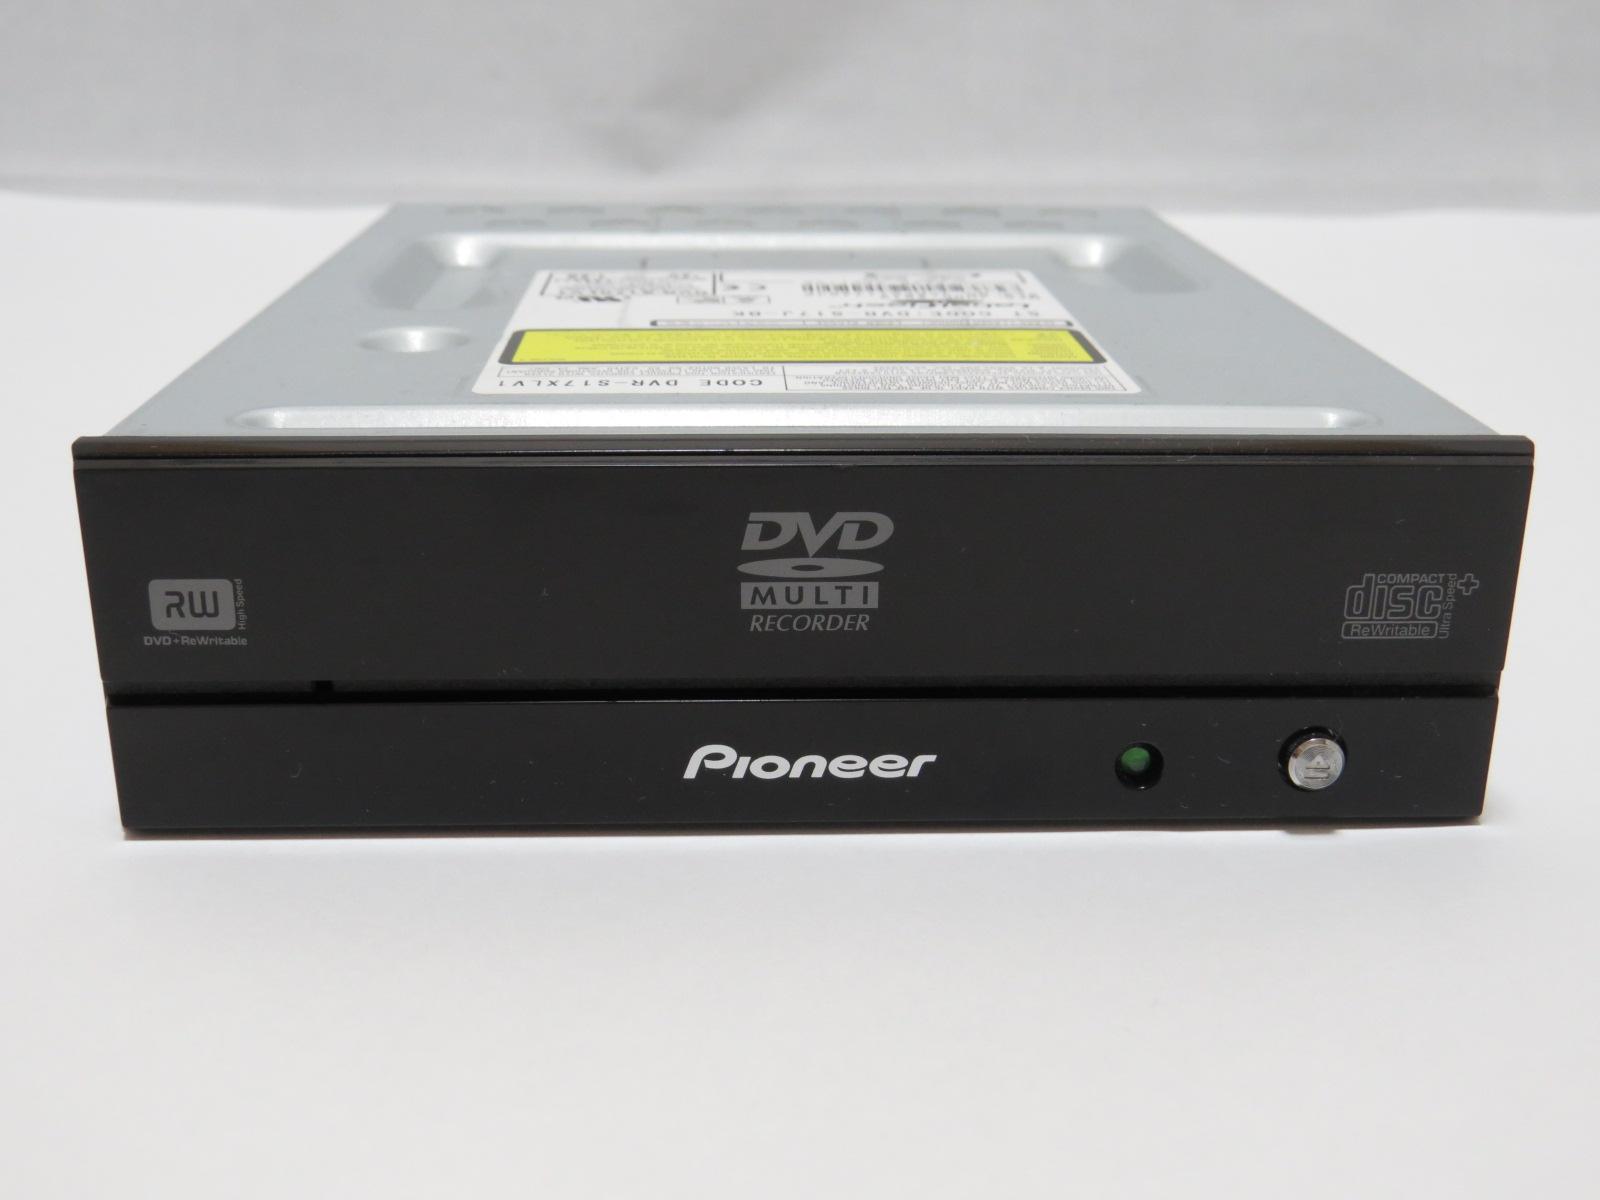 ジャンクなDVDドライブ(PIONEER DVR-S17J-BK)をゲット